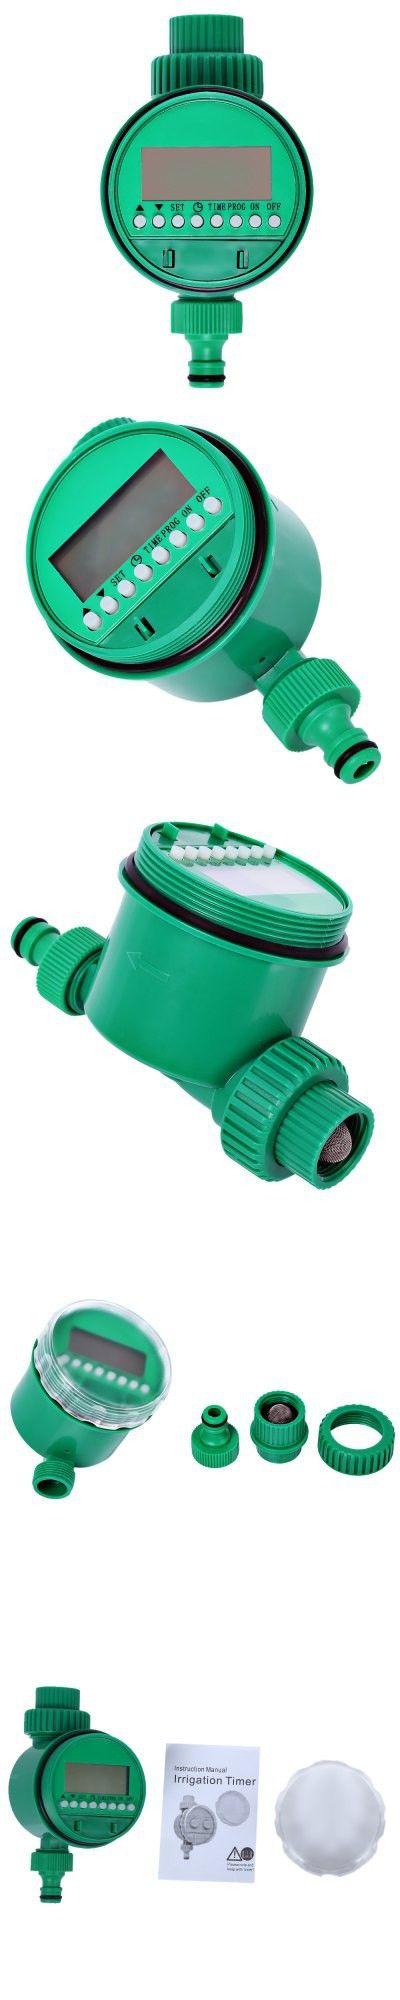 Garden Supplies | Intelligent Sprinkler Control Irrigation Timer $15.67